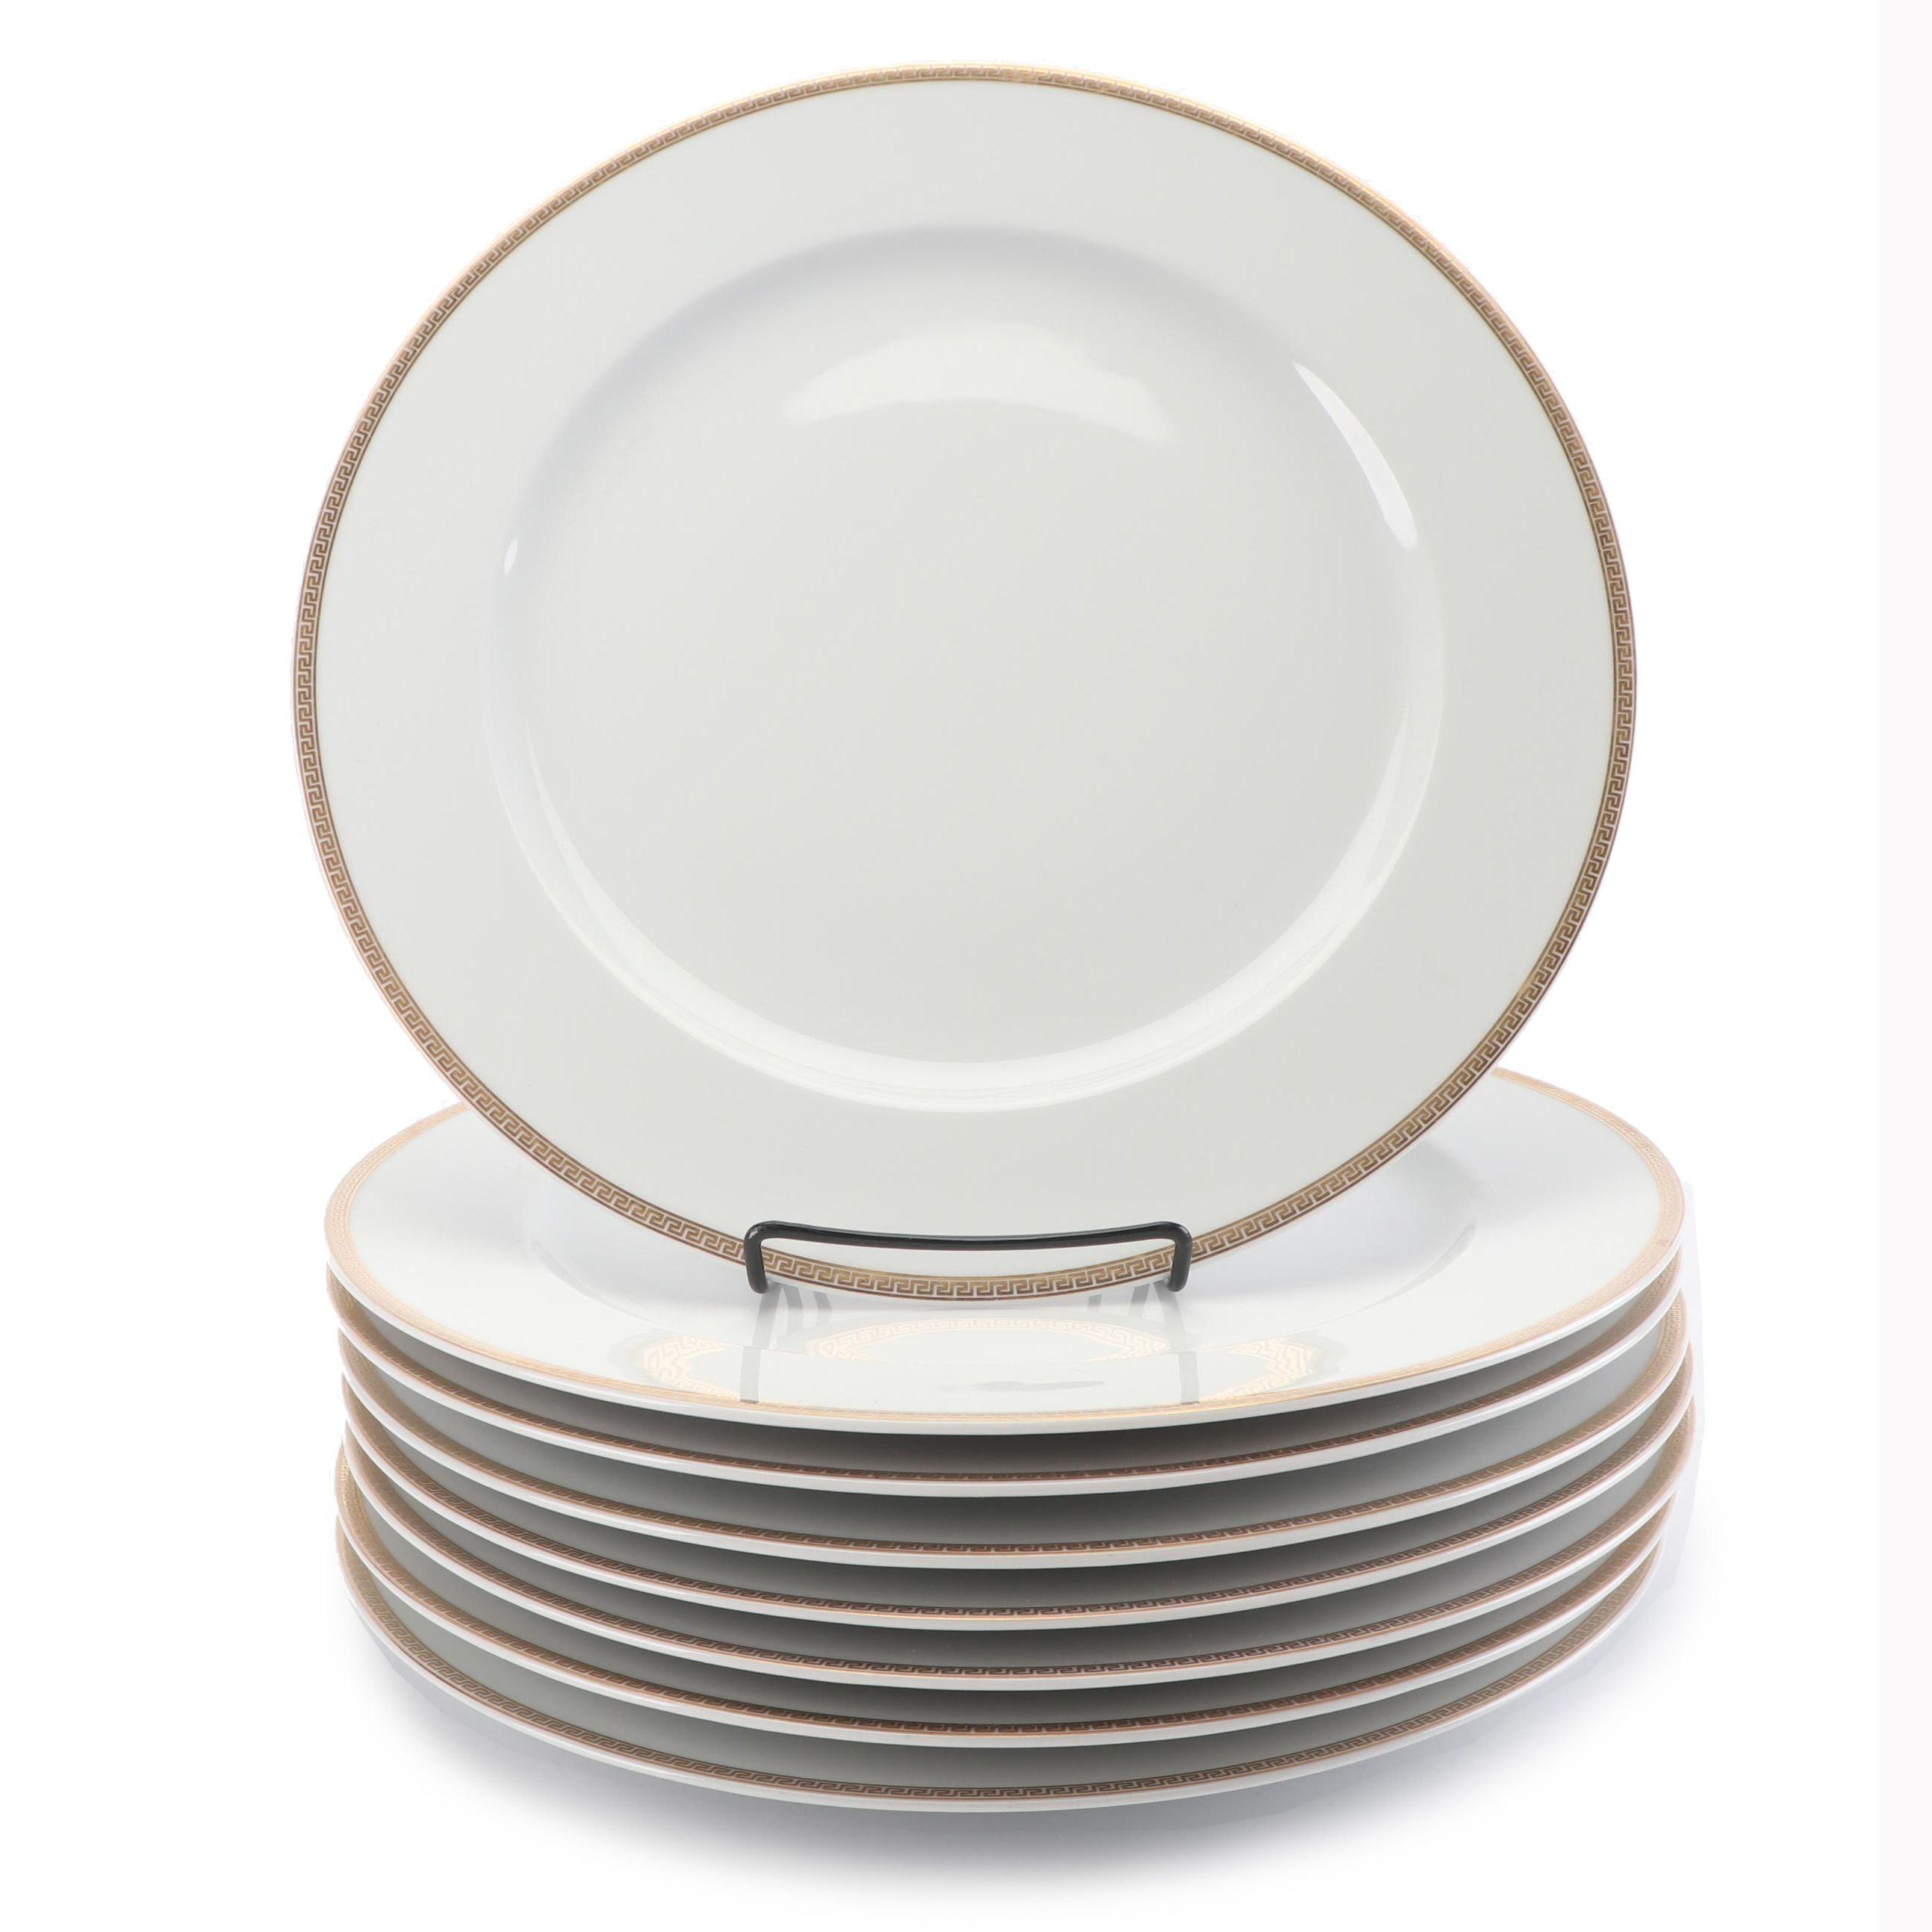 """Versace for Rosenthal """"Médaillon Méandre d'Or"""" Porcelain Service Plates"""